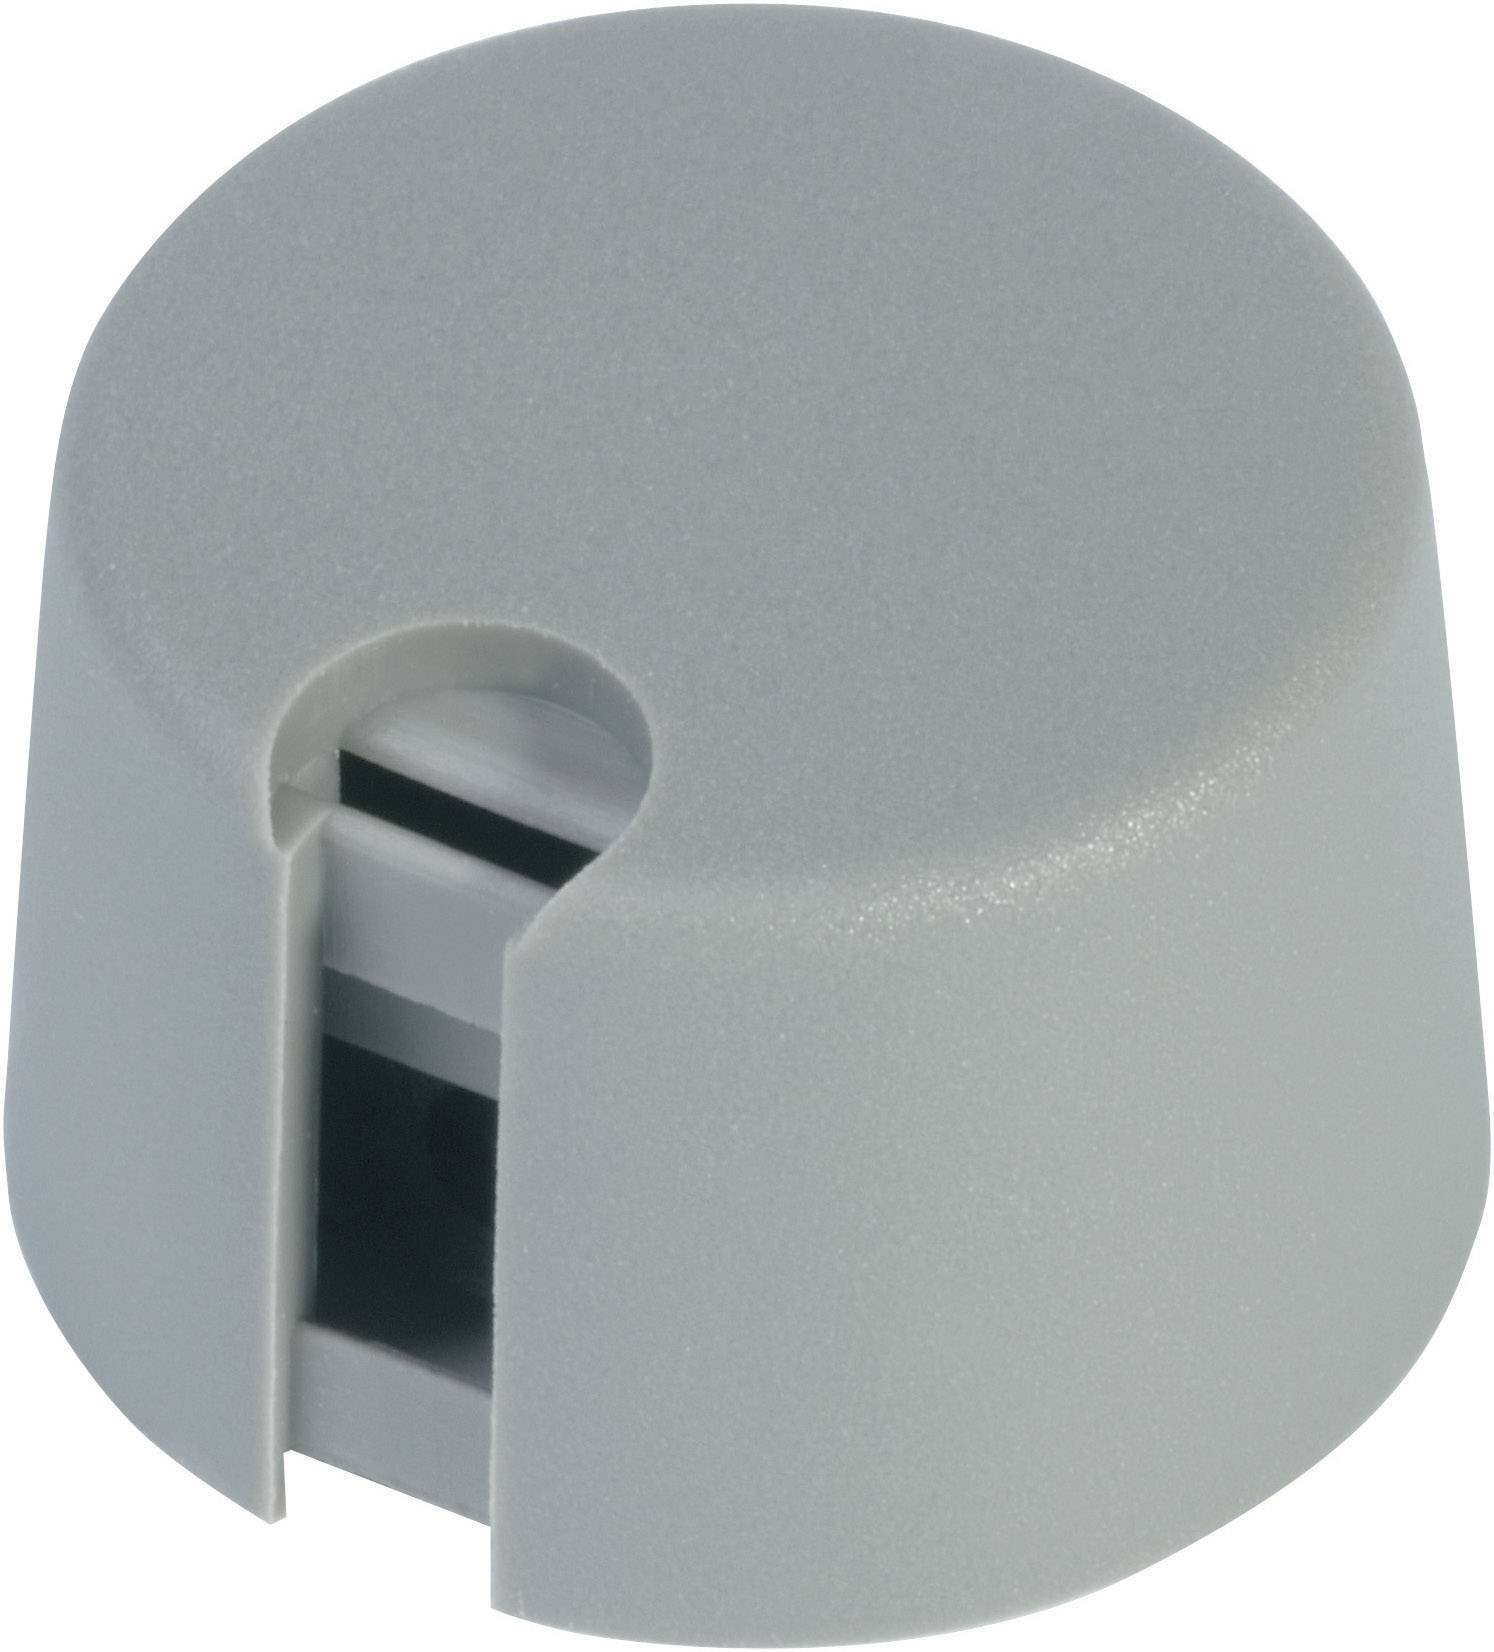 Otočný knoflík s ukazatelem (/O 13,5 mm) OKW, 6 mm, šedá